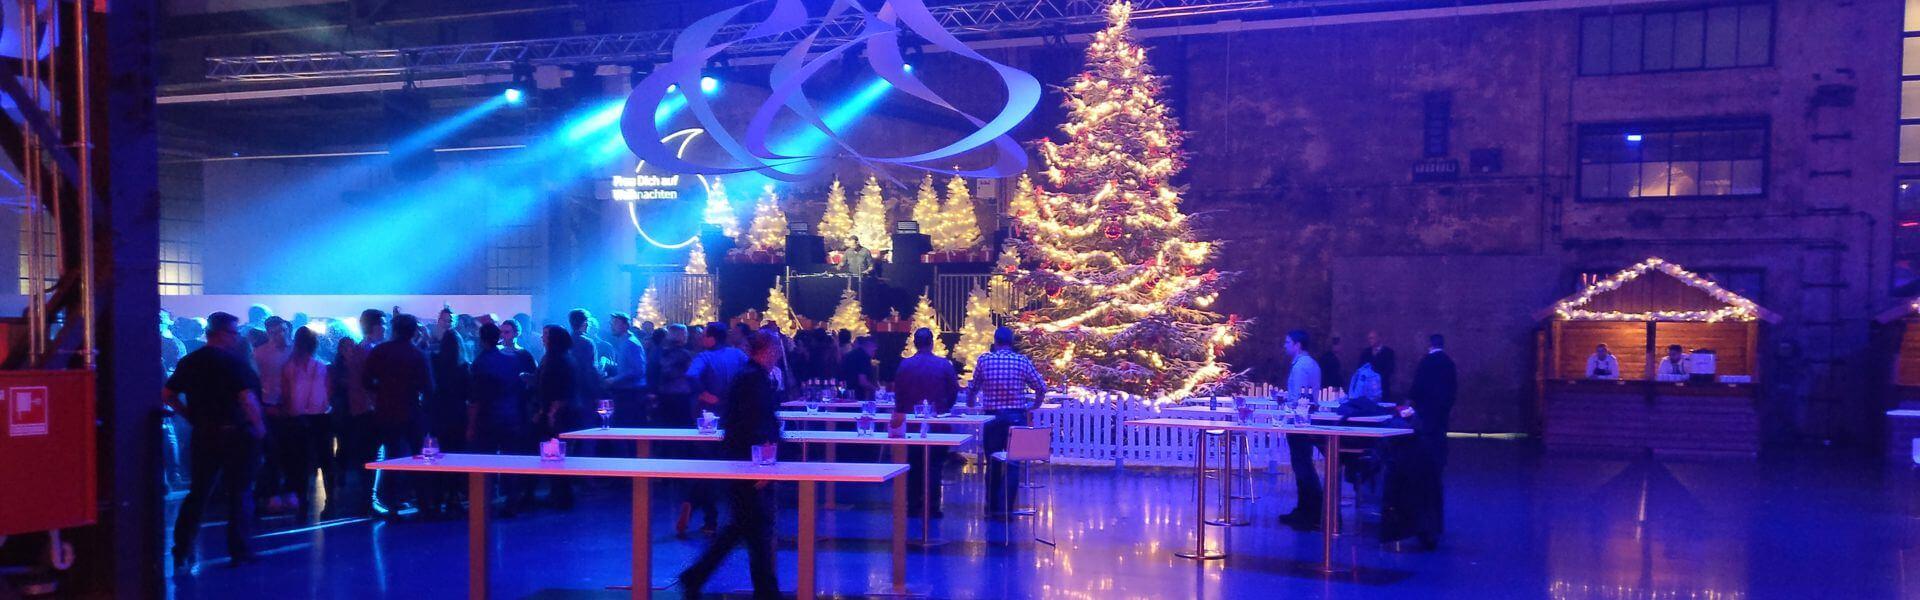 catering-weihnachtsfeier-indoor-vodafone-header-1